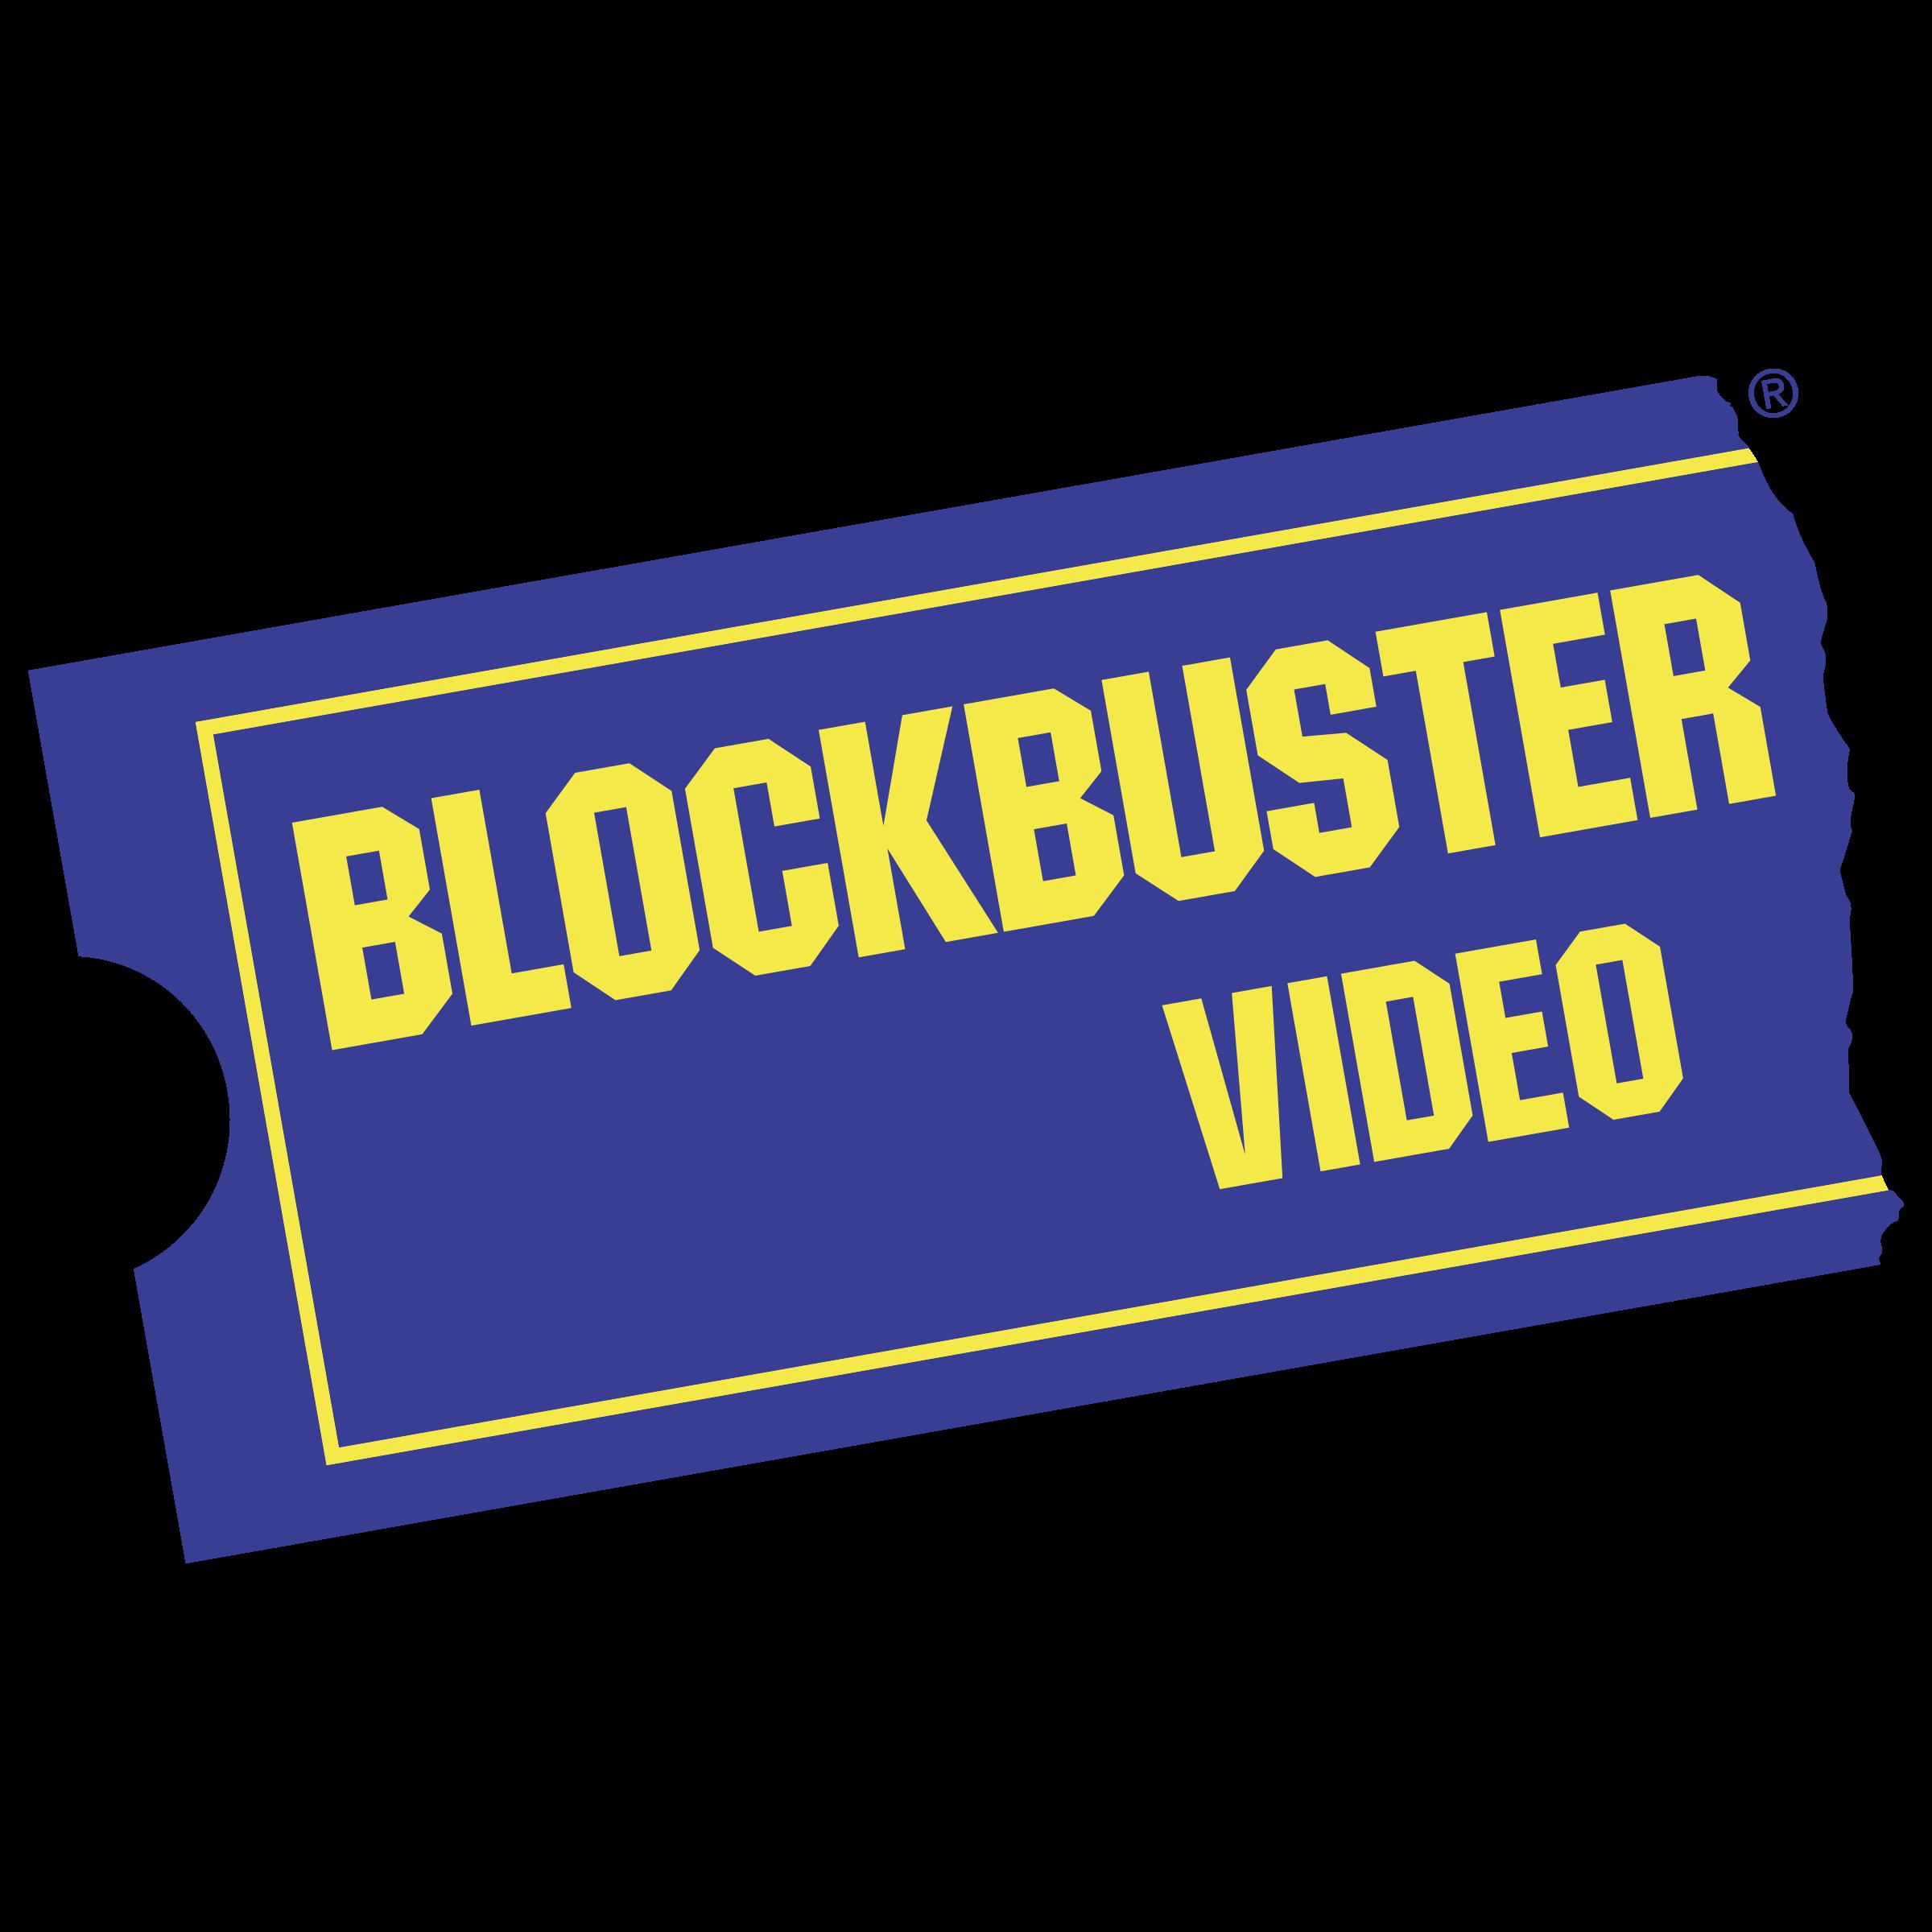 Blockbuster Video Logo PNG Transparent & SVG Vector.